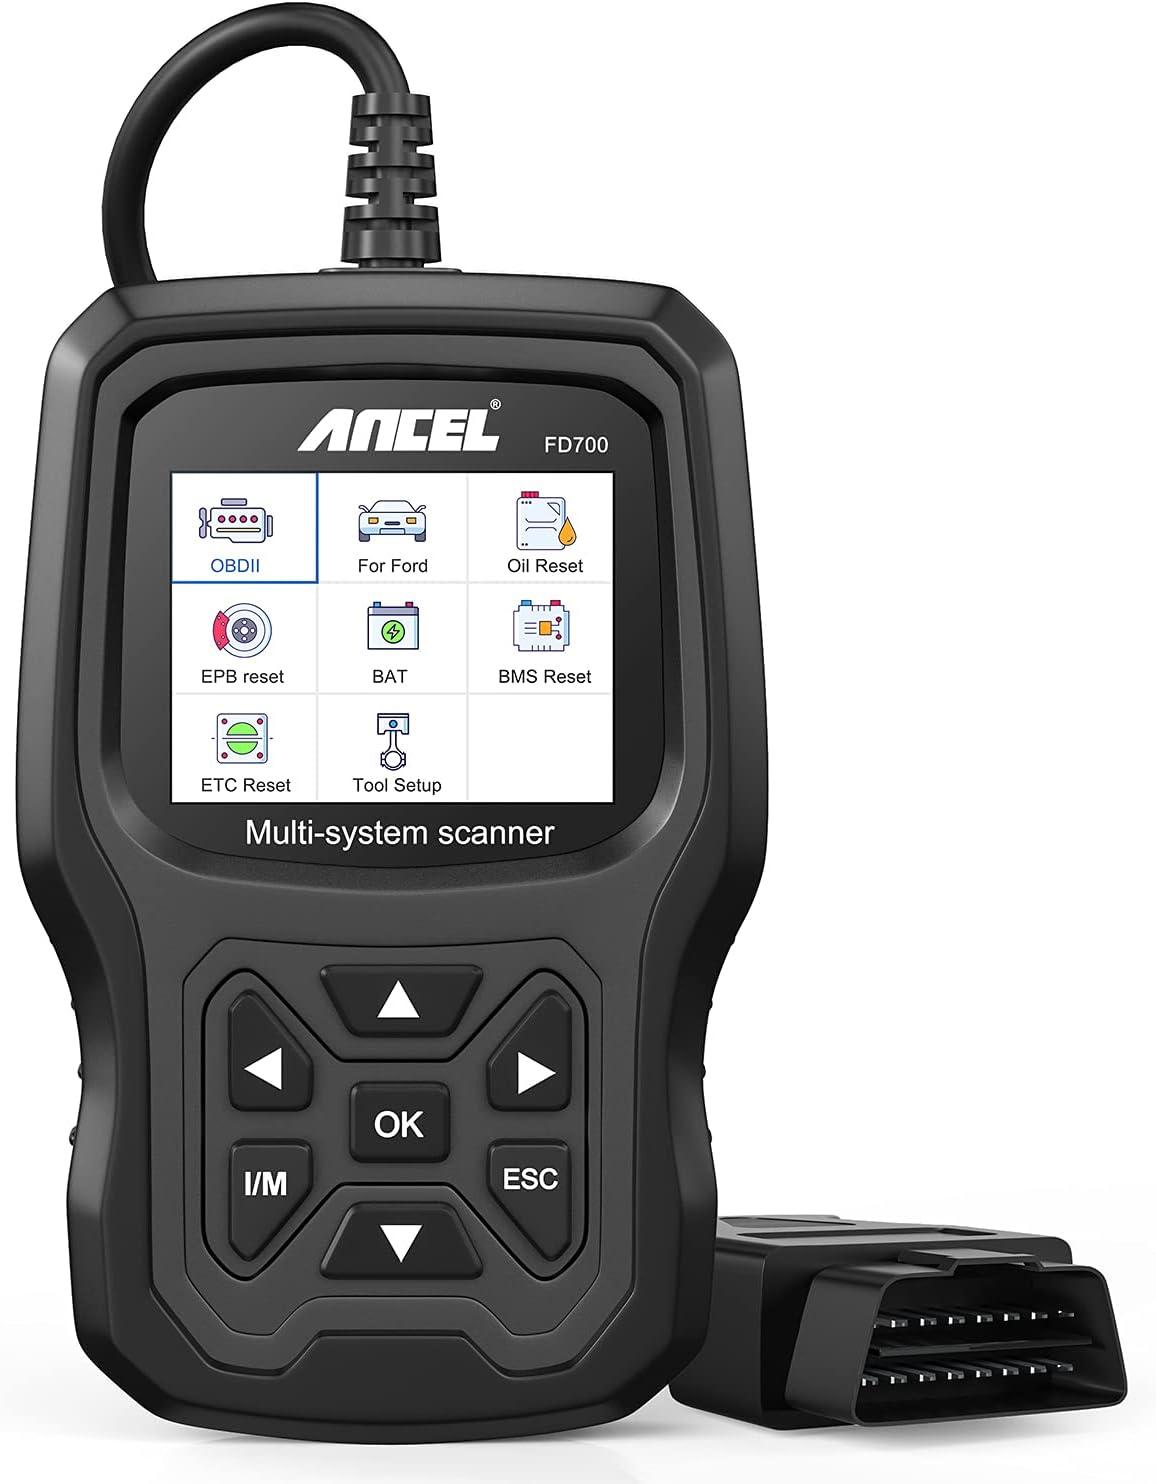 ANCEL FD700 OBD2 Escáner de Todos los Sistemas para vehículos Ford Lector de Códigos de Coches Herramienta de Escaneo de Diagnóstico con Calibración Aceite SRS SAS TPMS IQA EPB BMS DPF EGR Reinicio